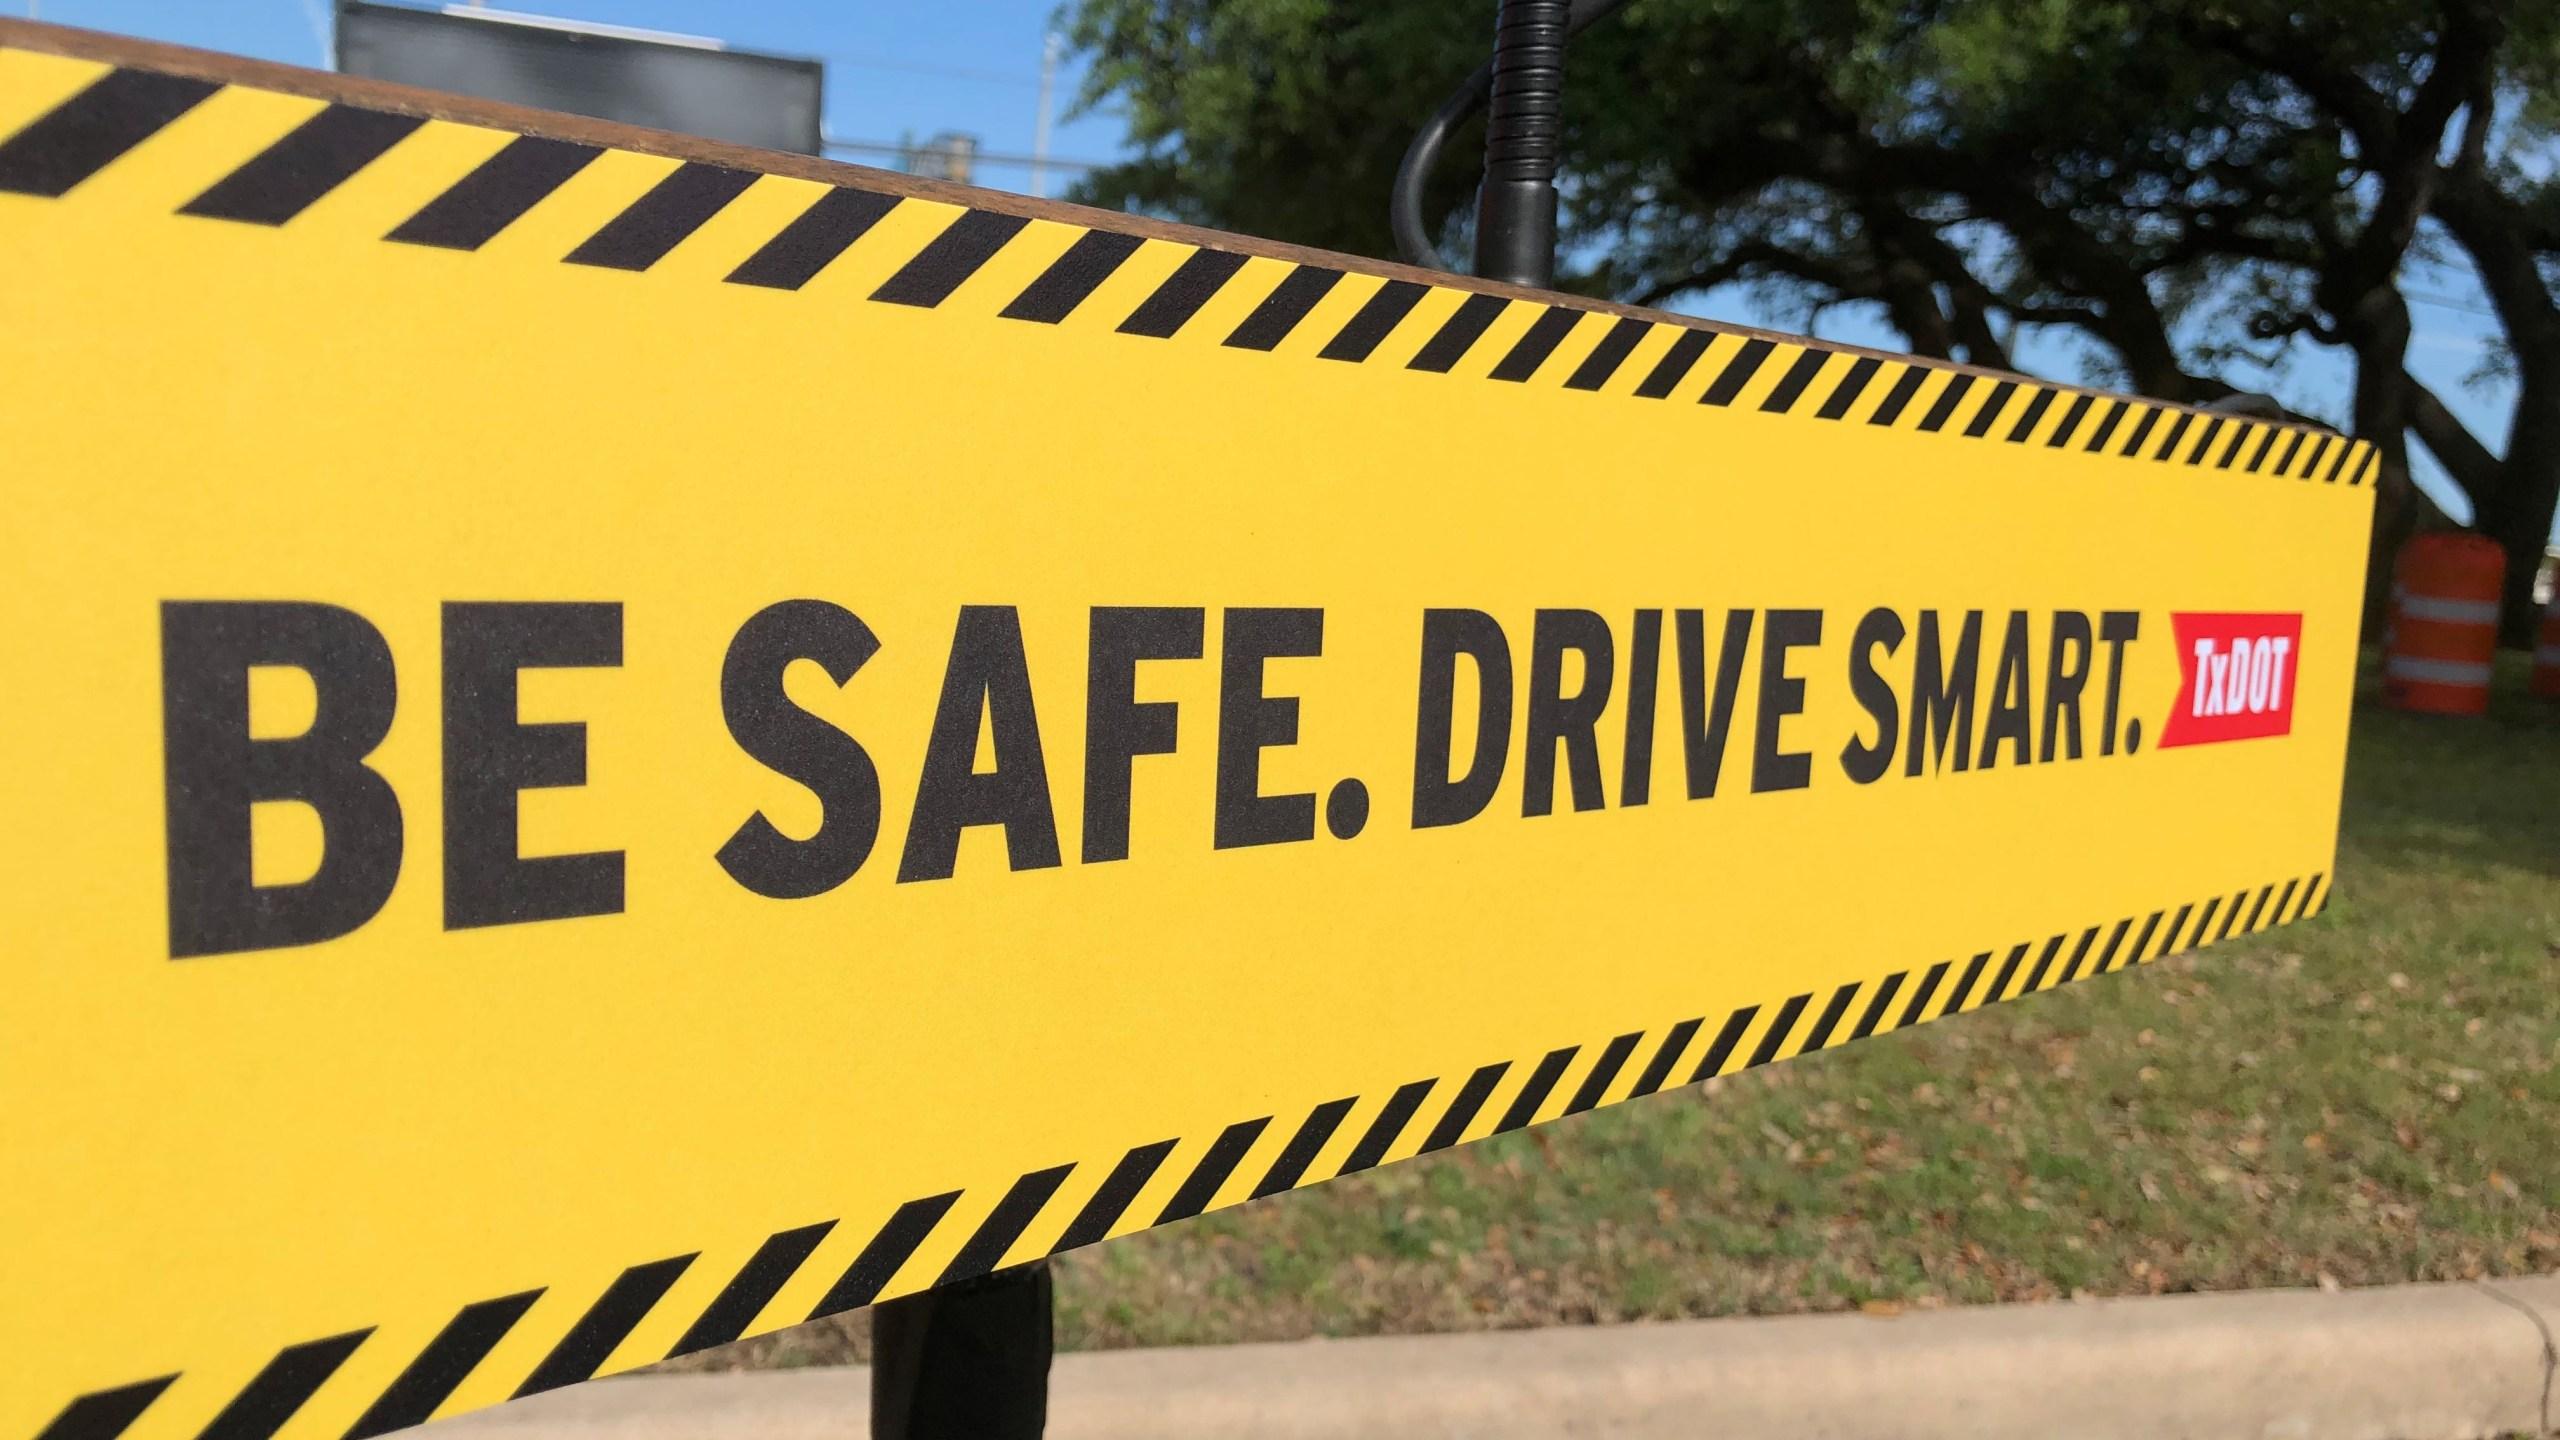 txdot be safe drive smart 6_1554740620366.jpg.jpg